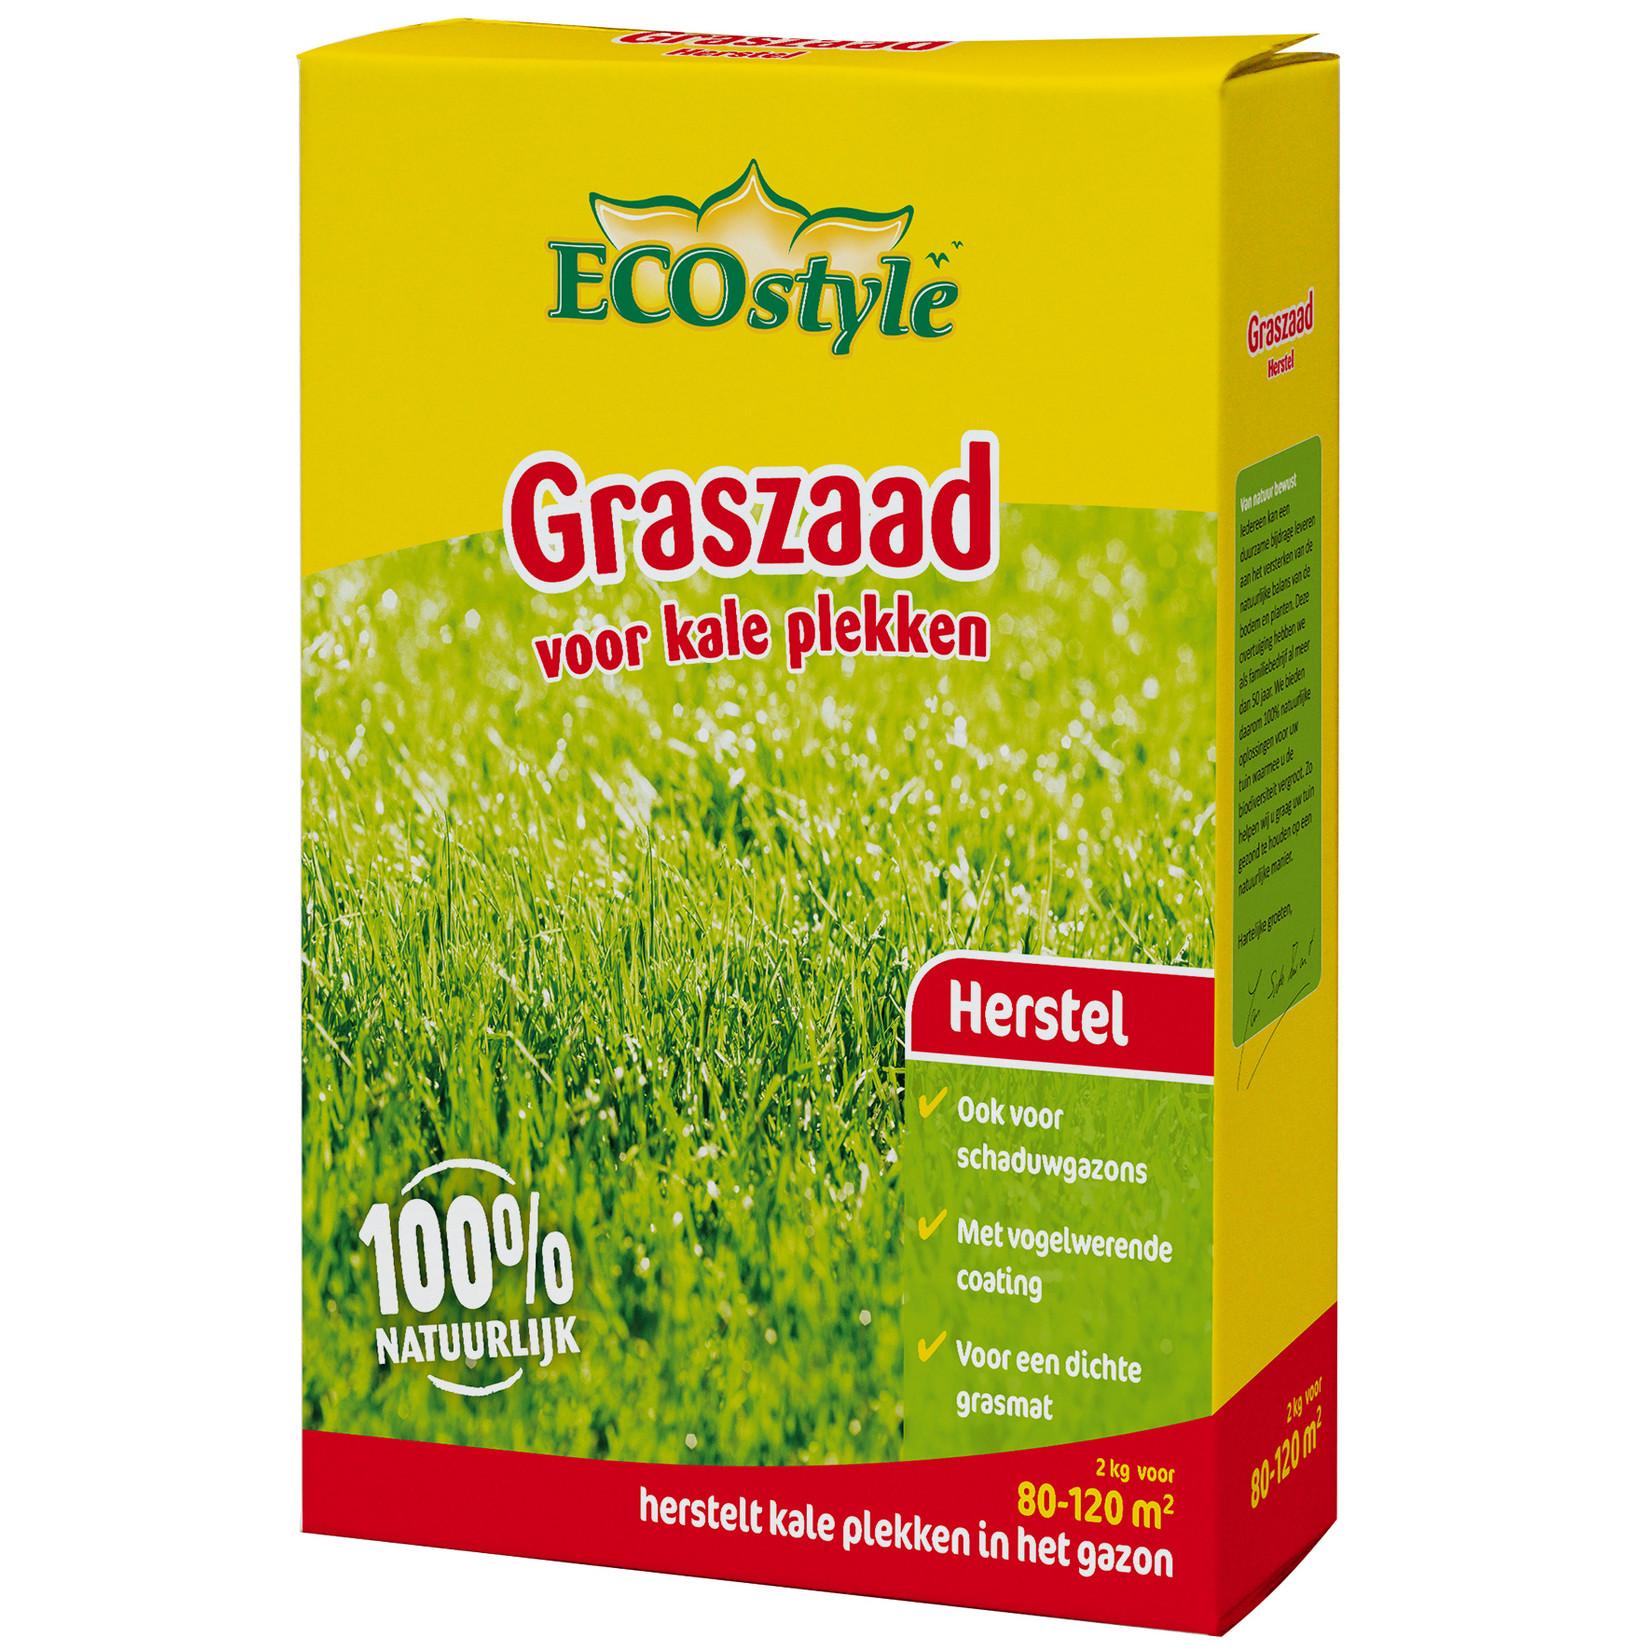 Ecostyle Graszaad-Herstel 2 kg (80-120 m²) voor kale plekken